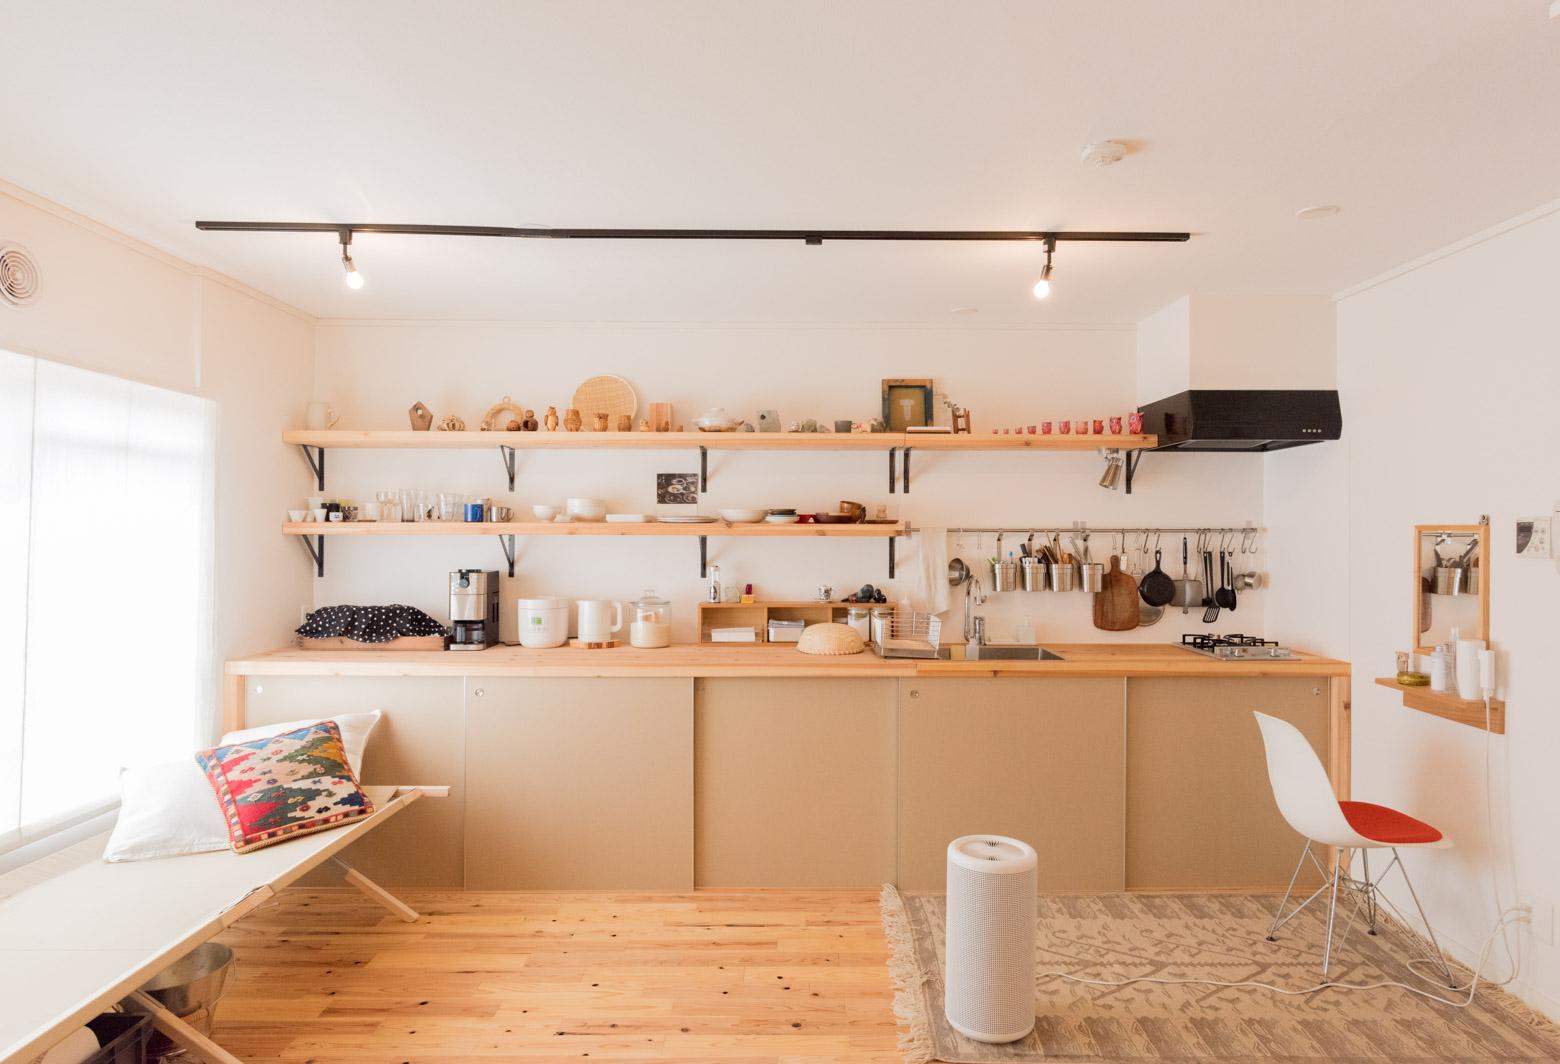 インテリアコーディネーター、亨さんのお部屋は、壁の上半分が見せる棚、下半分が隠す棚でバランスを取っています。このお部屋は、リノベーション時に要望を伝えて作った作りつけの収納ですが、収納棚を利用して真似することができるかも。